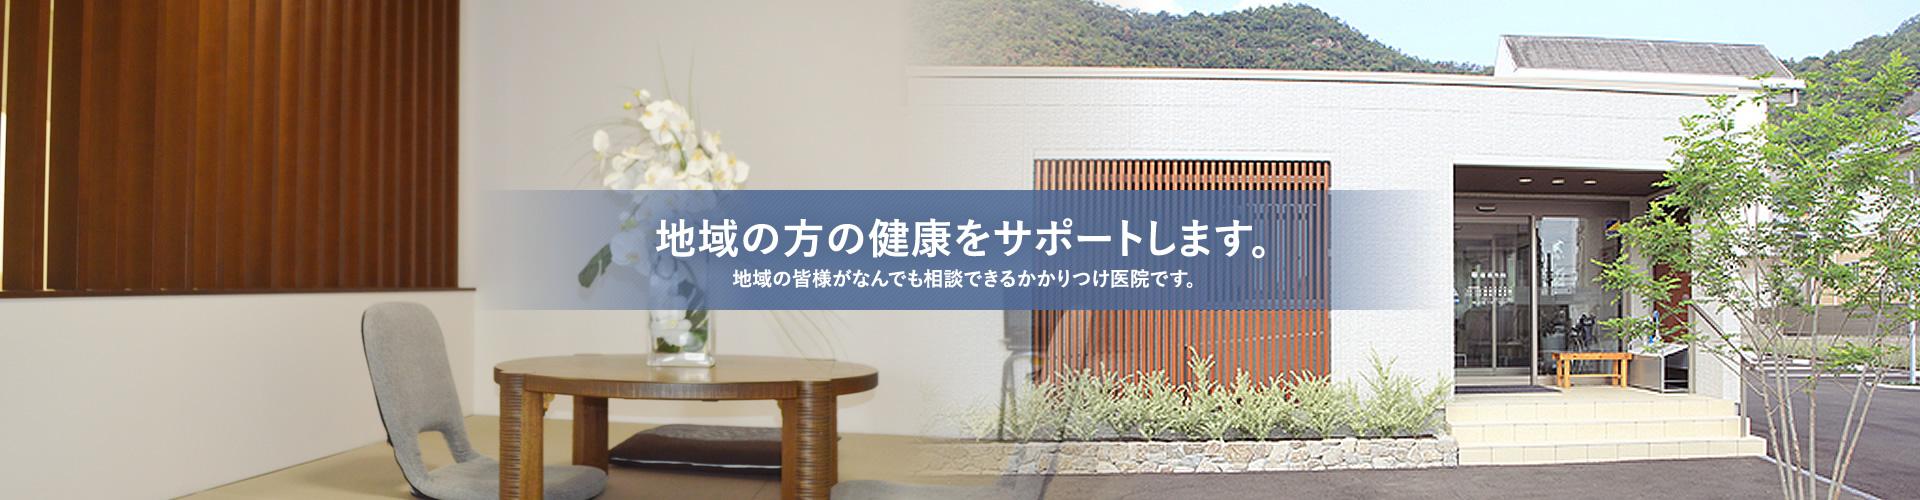 医療法人社団芳潤会 棚橋内科